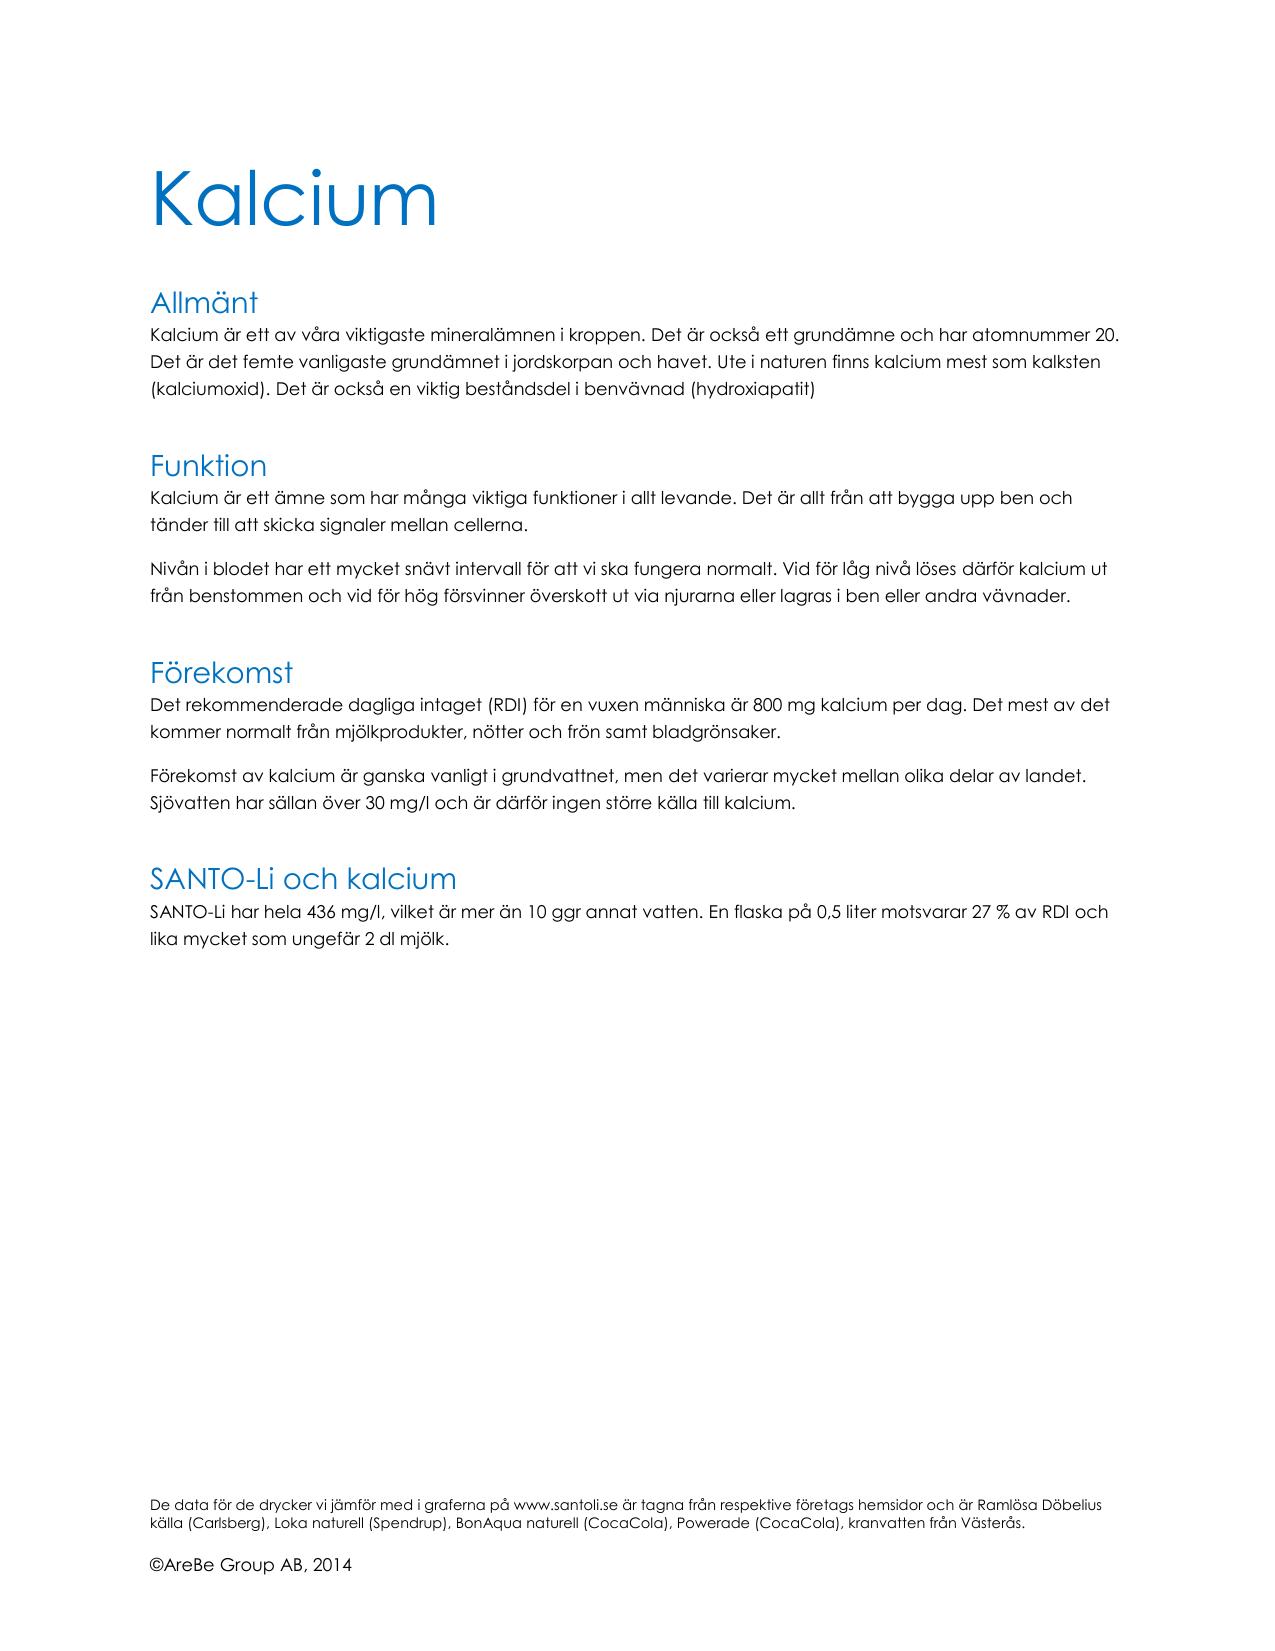 kalcium per dag